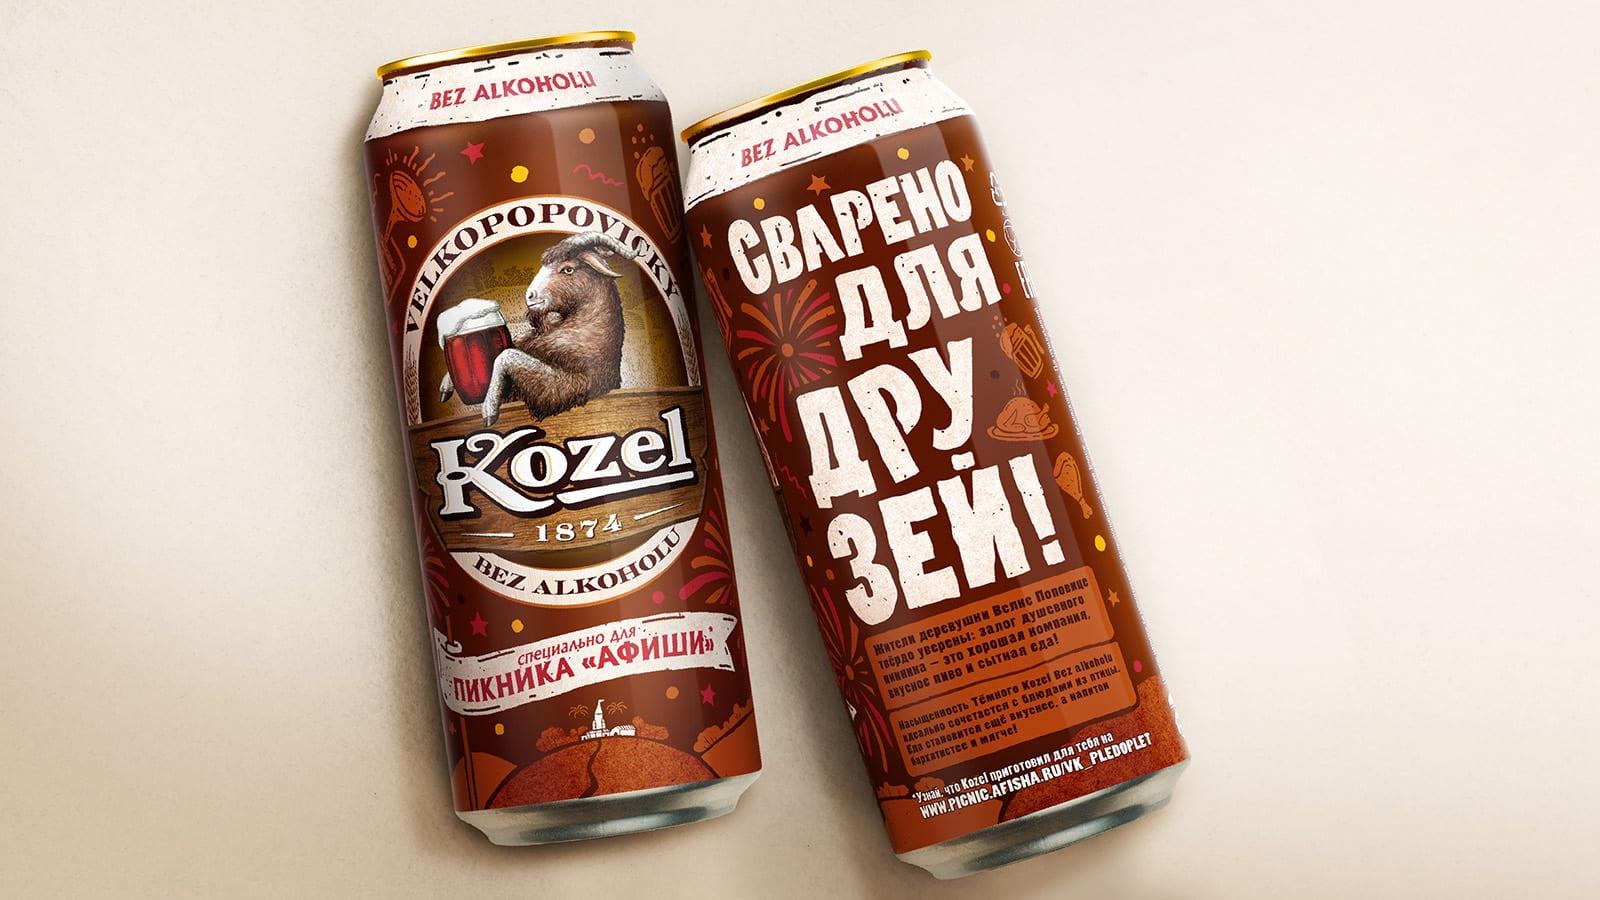 Velkopopovicky Kozel Limited 02 - Limitovaná edice Velkopopovického Kozla pro festival Afisha